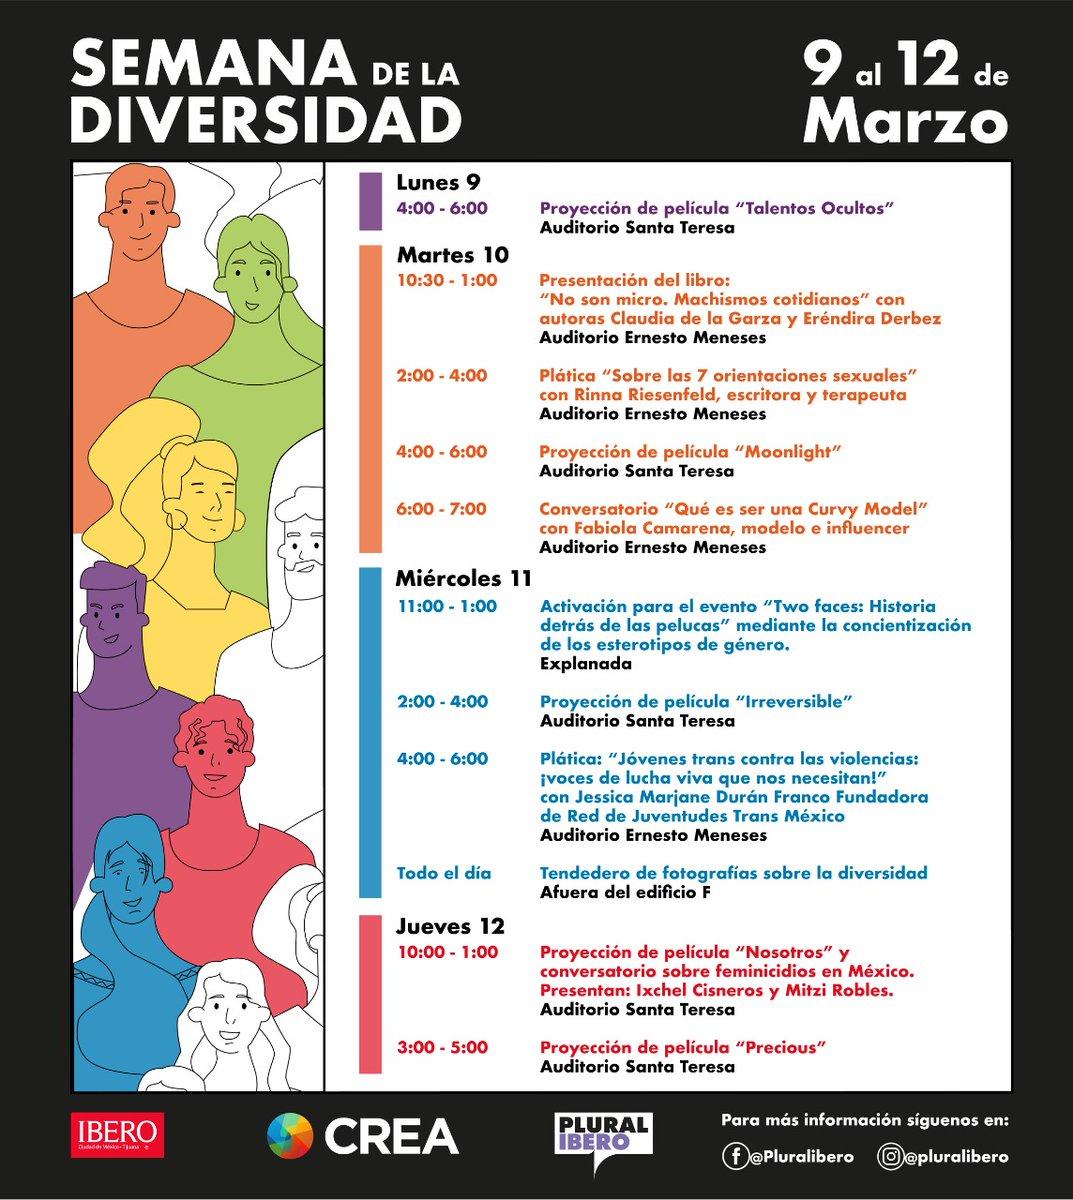 #Entérate Del 9 al 12 de marzo se realizará en la #Ibero la #SemanaDeLaDiversidad; se llevarán a cabo conversatorios, proyección de películas, conferencias, pláticas, entre otros. Consulta aquí el programa y acompáñanos ⏬ https://t.co/QmyP4EzqNl